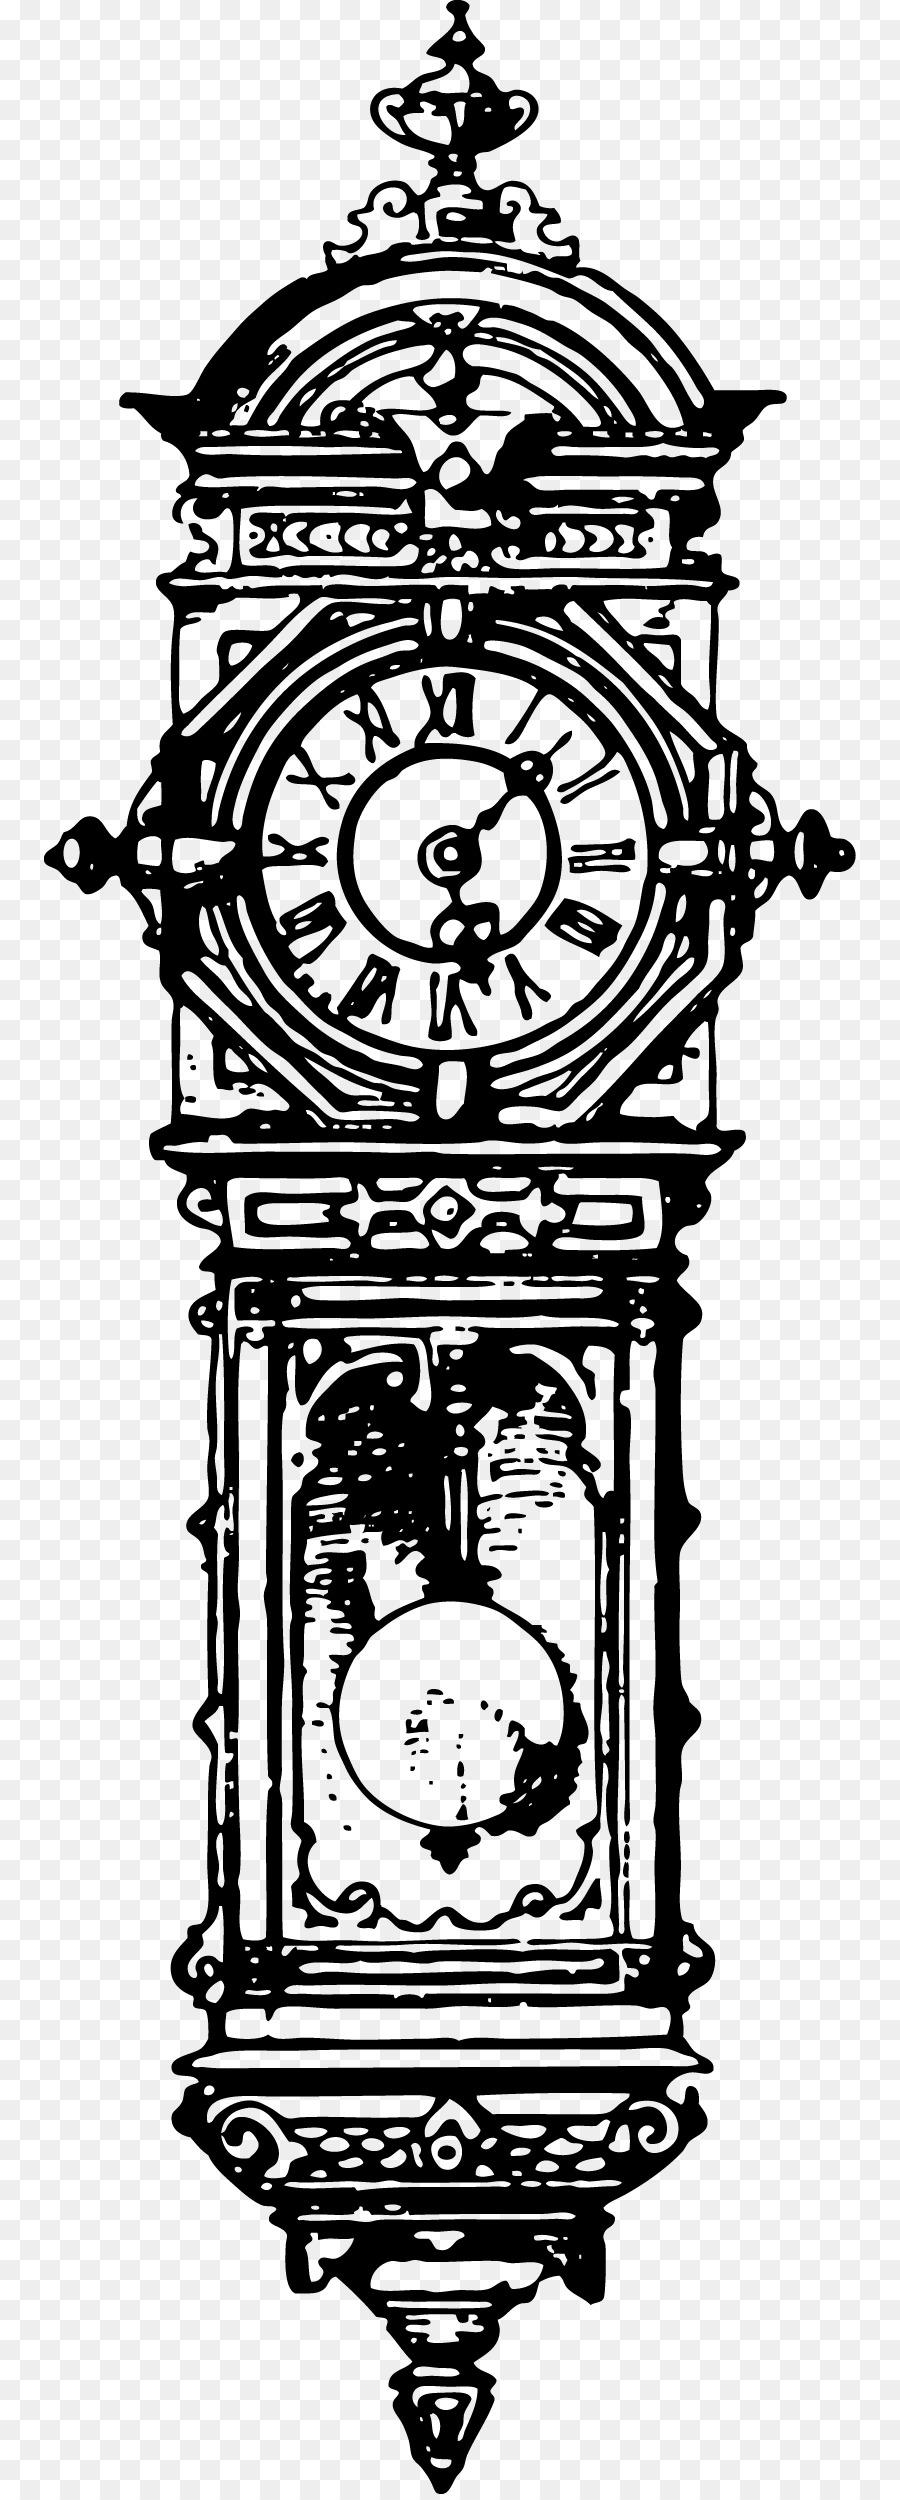 Старинные часы рисунок, маминым днем смешные